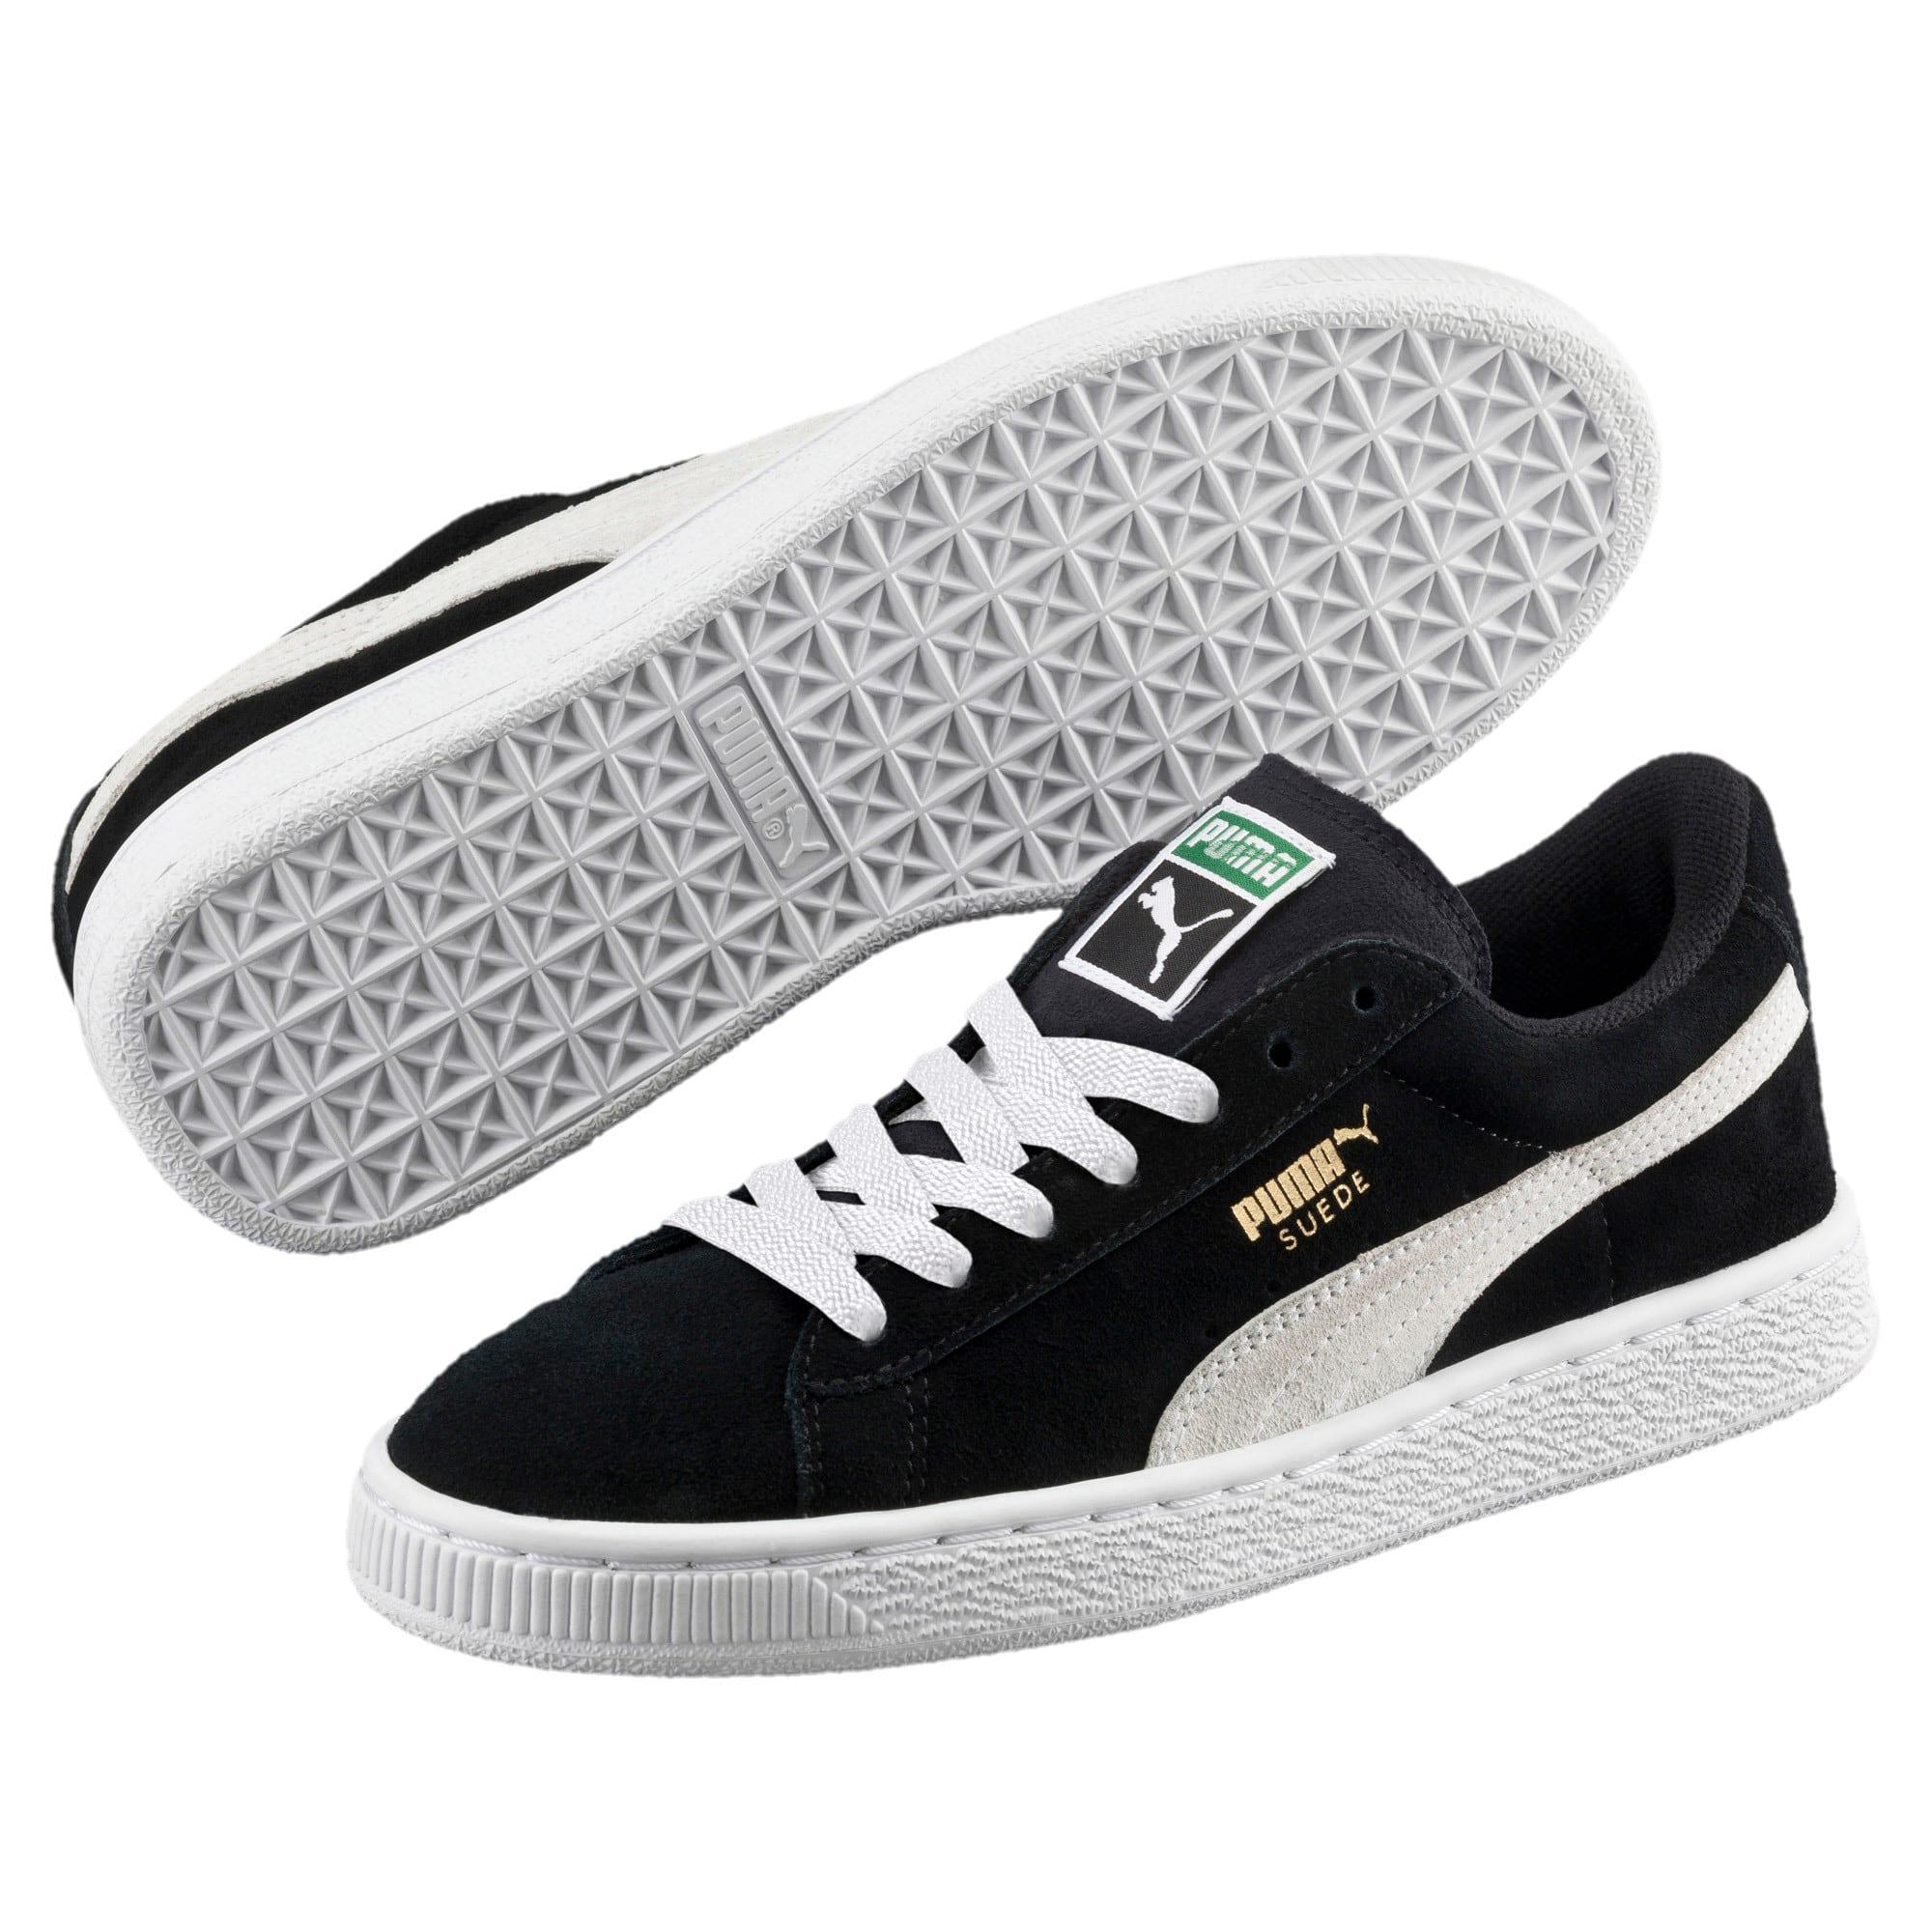 Imagen en miniatura 2 de Zapatillas de niño Suede, Puma Black-Puma White, mediana